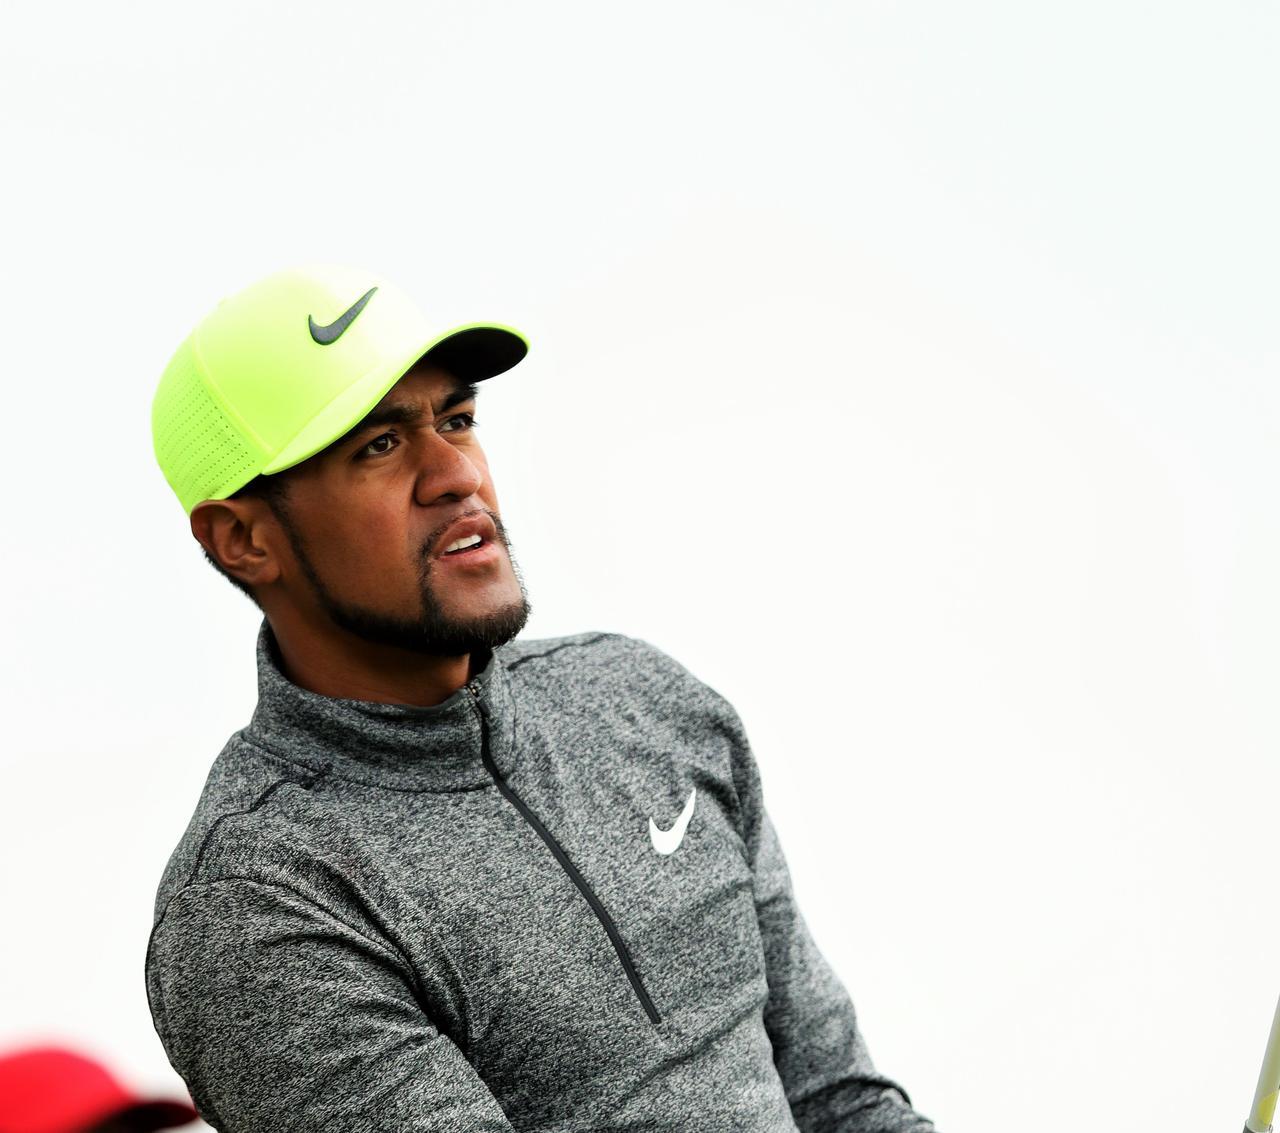 画像: PGAツアー1勝。世界ランク80位。平均飛距離307.6ヤード(2015-2016シーズン)を記録する飛ばし屋フィナウ。16年「プエルトリコオープン」で、ツアー初優勝を果たした。